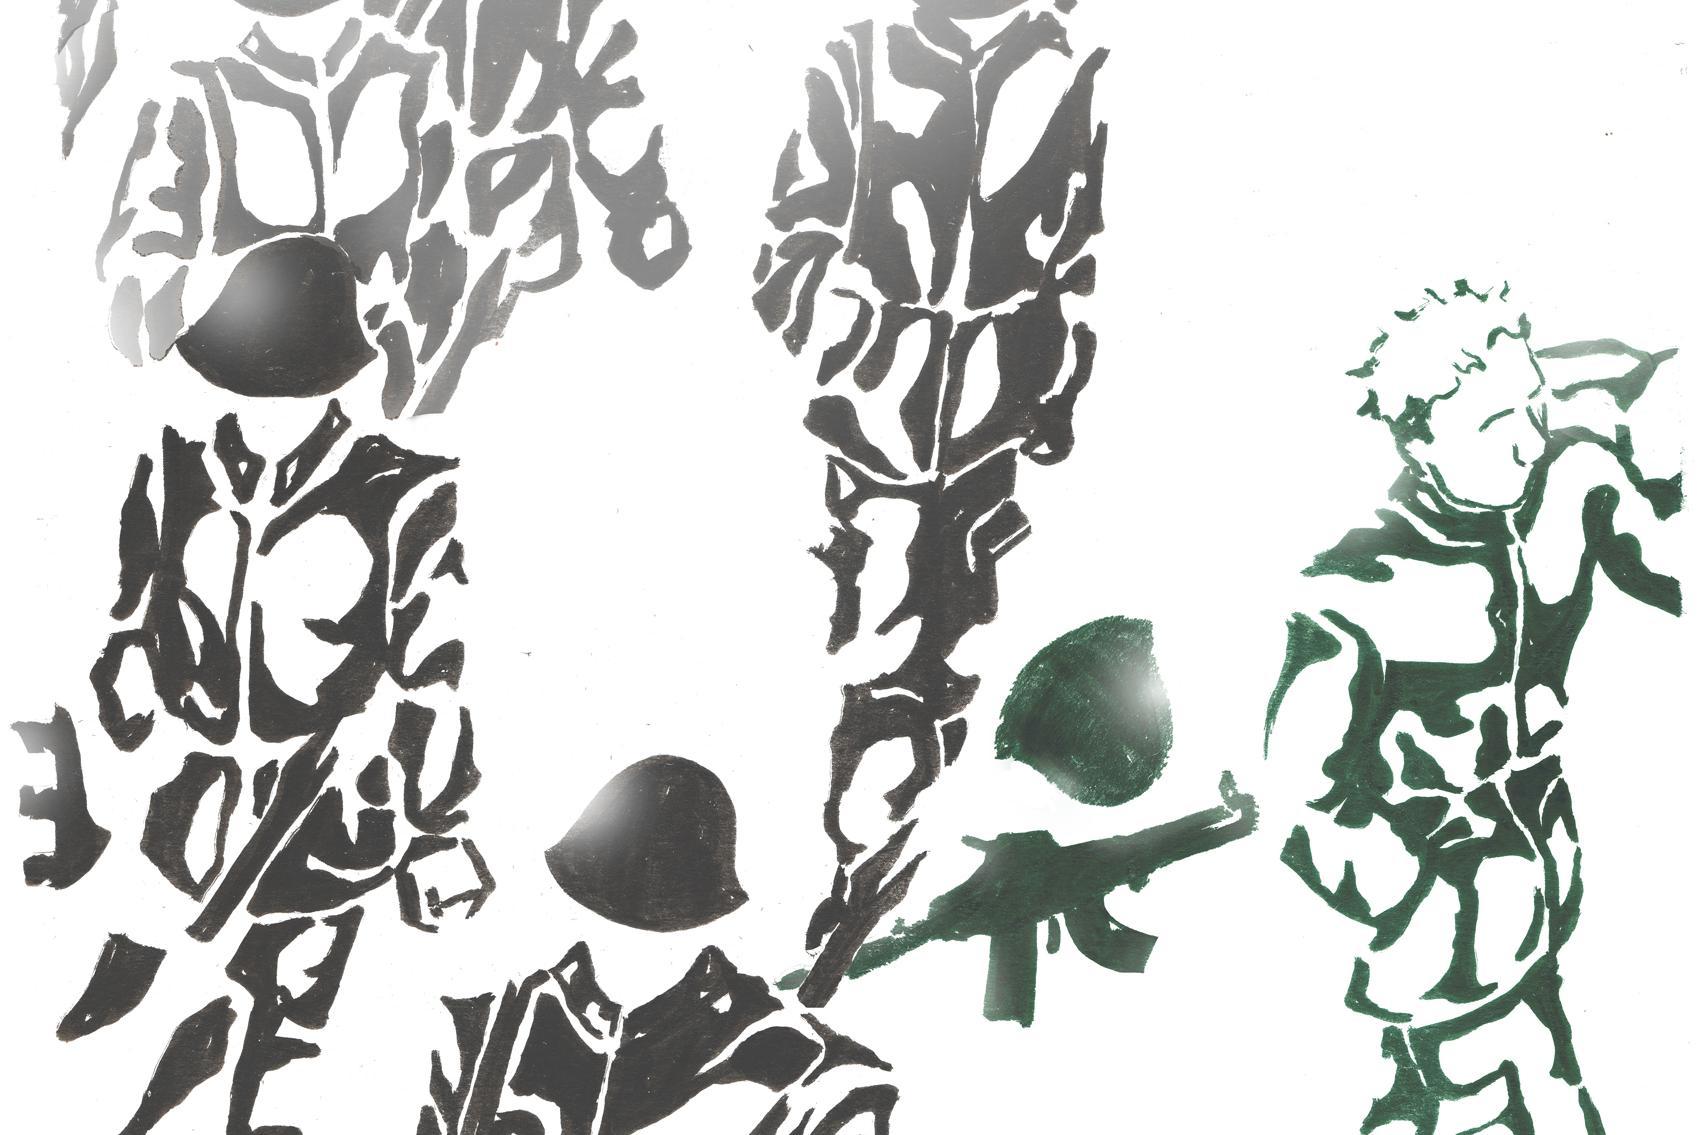 Piirroskuvassa muut sotilaat marssivat rivissä, mutta yksi kulkee eri suuntaan hyläten sotilaan kypärän ja aseen.